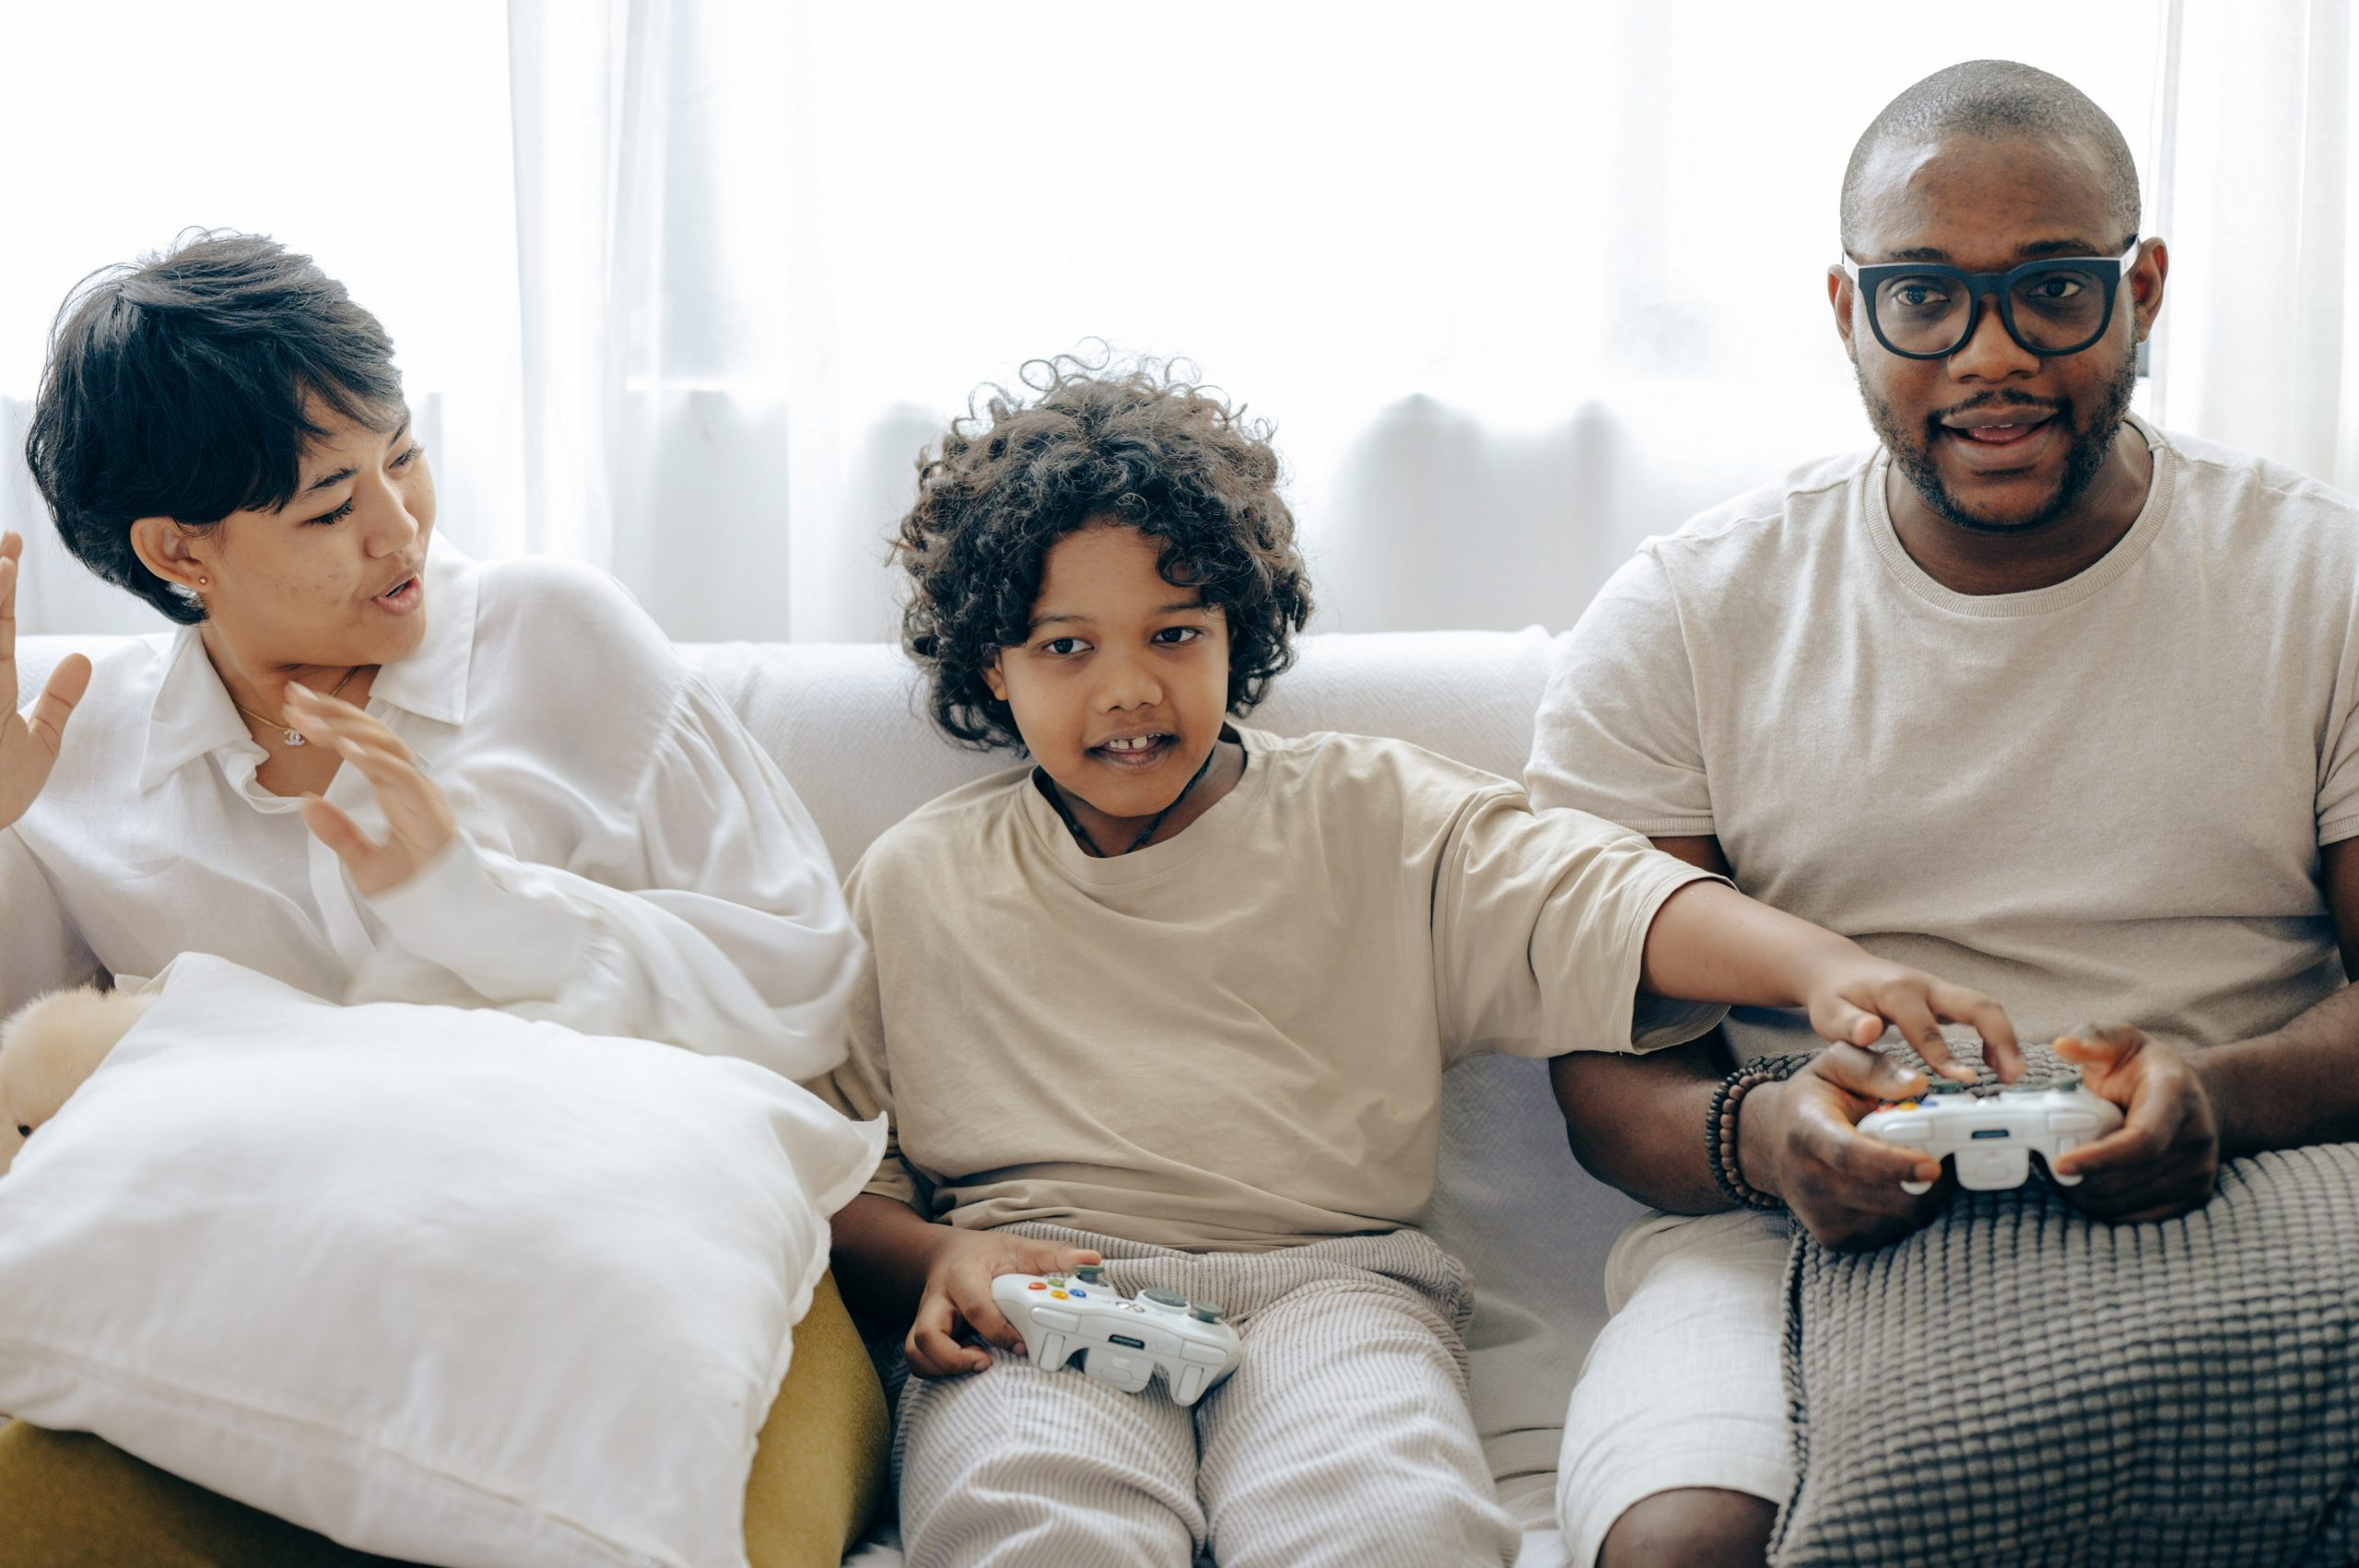 Pai, mãe e filho se divertindo enquanto jogam os melhores jogos para a família.